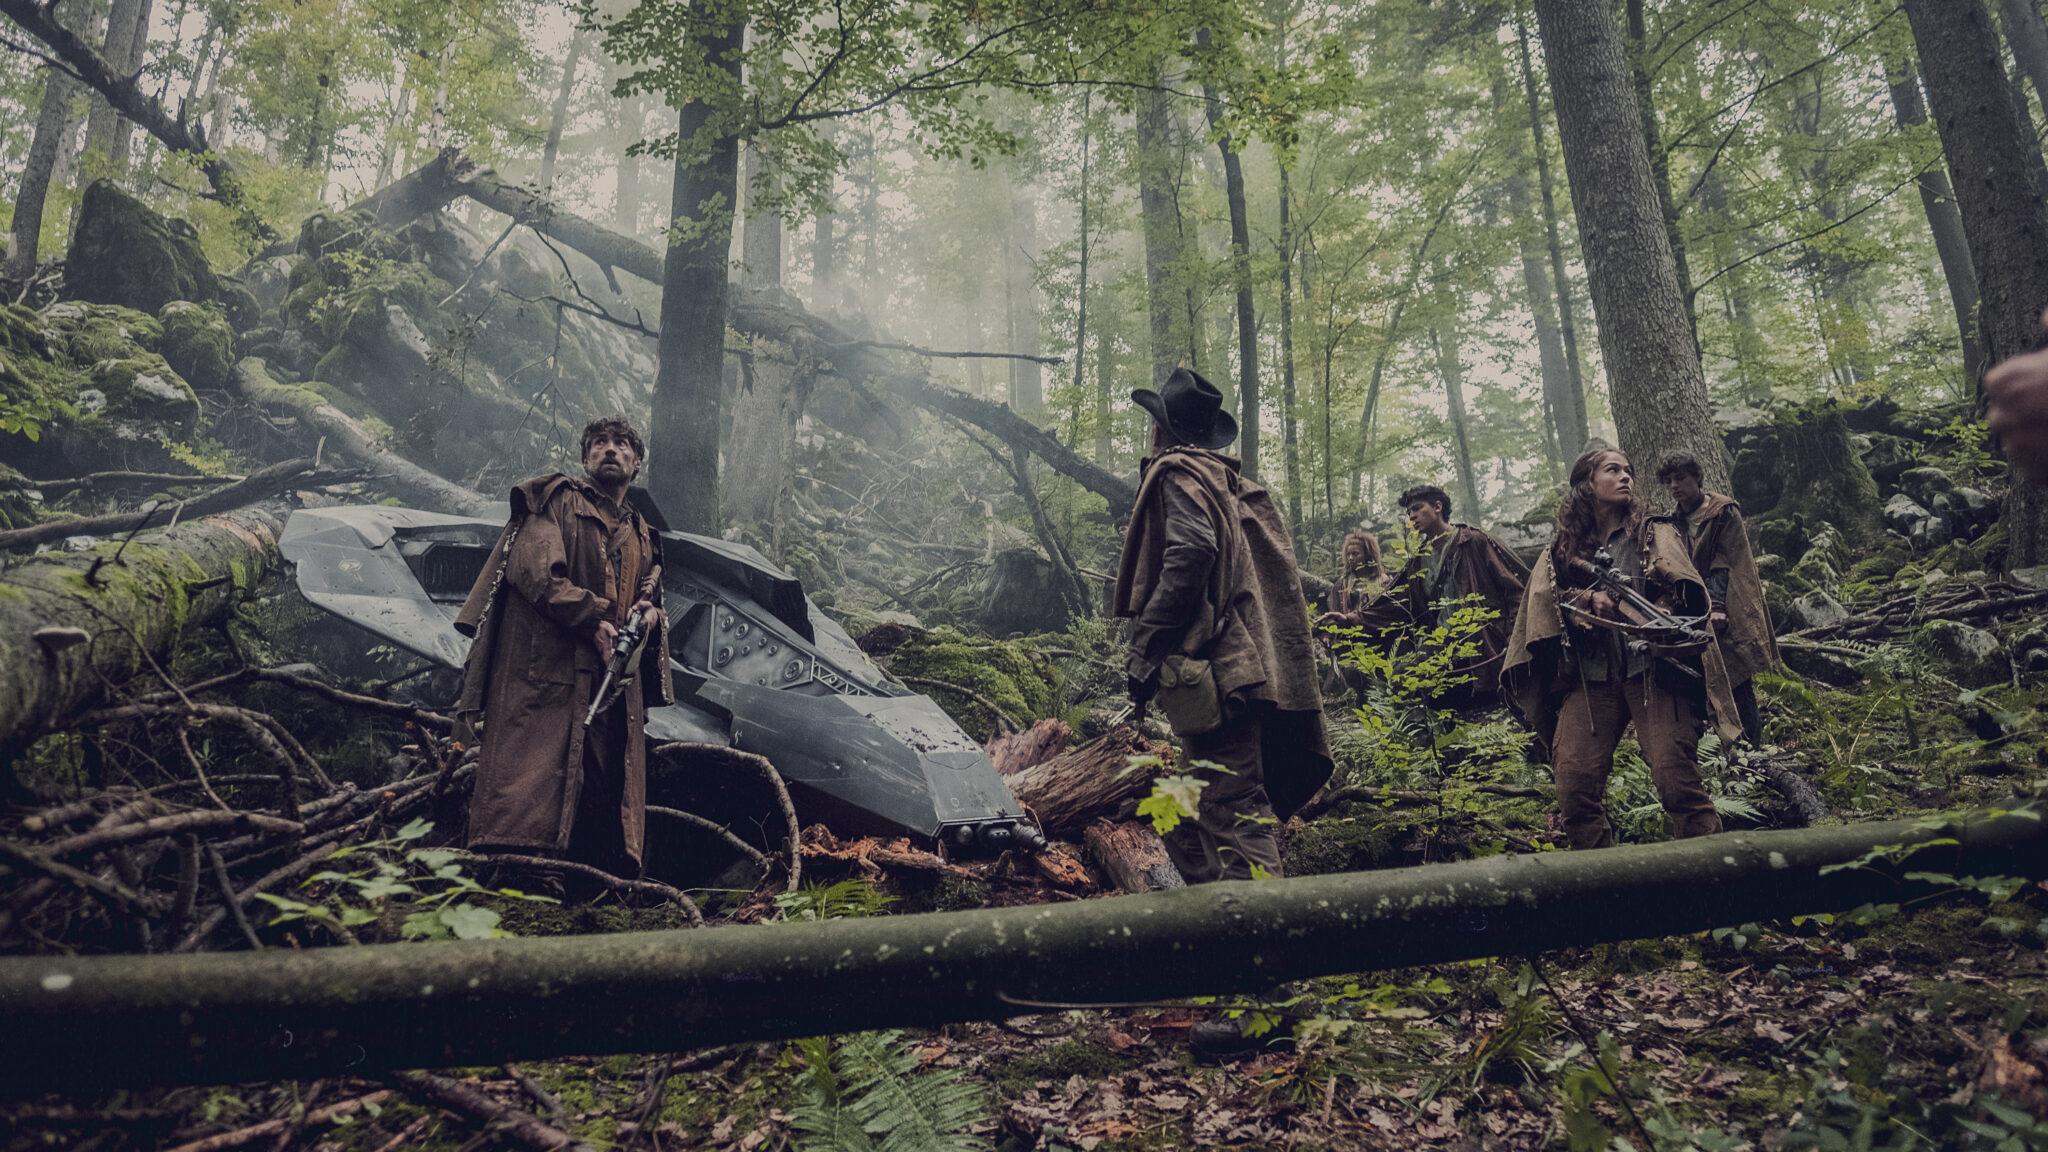 Man sieht fünf Personen in brauner Kleidung in einem Wald, die ein abgestürztes Flugobjekt in Augenschein nehmen.